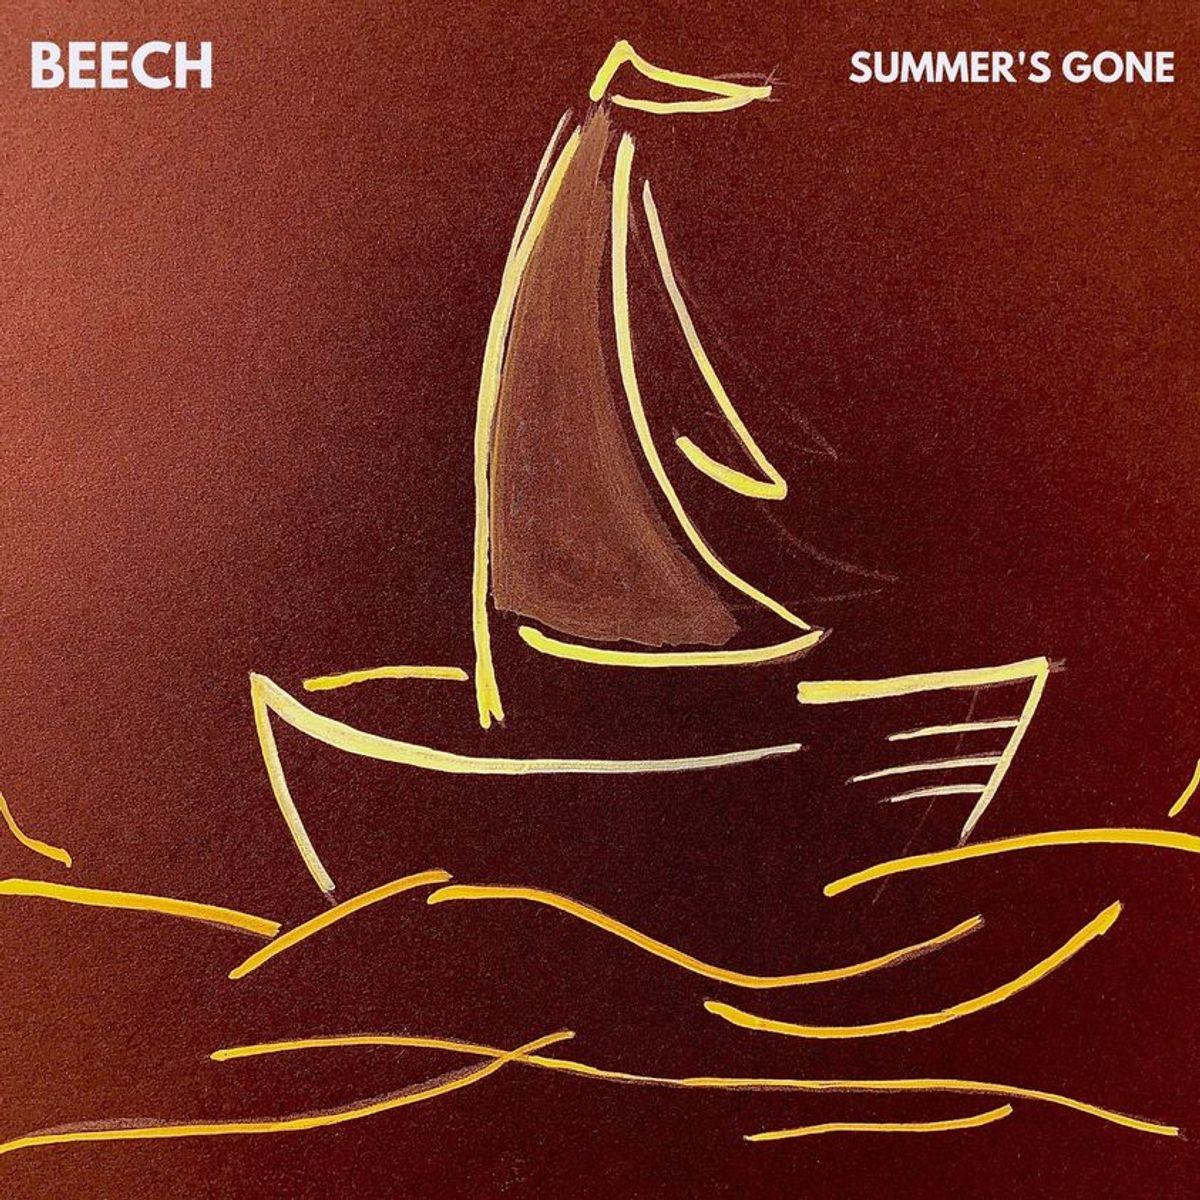 Beech - Summer's Gone